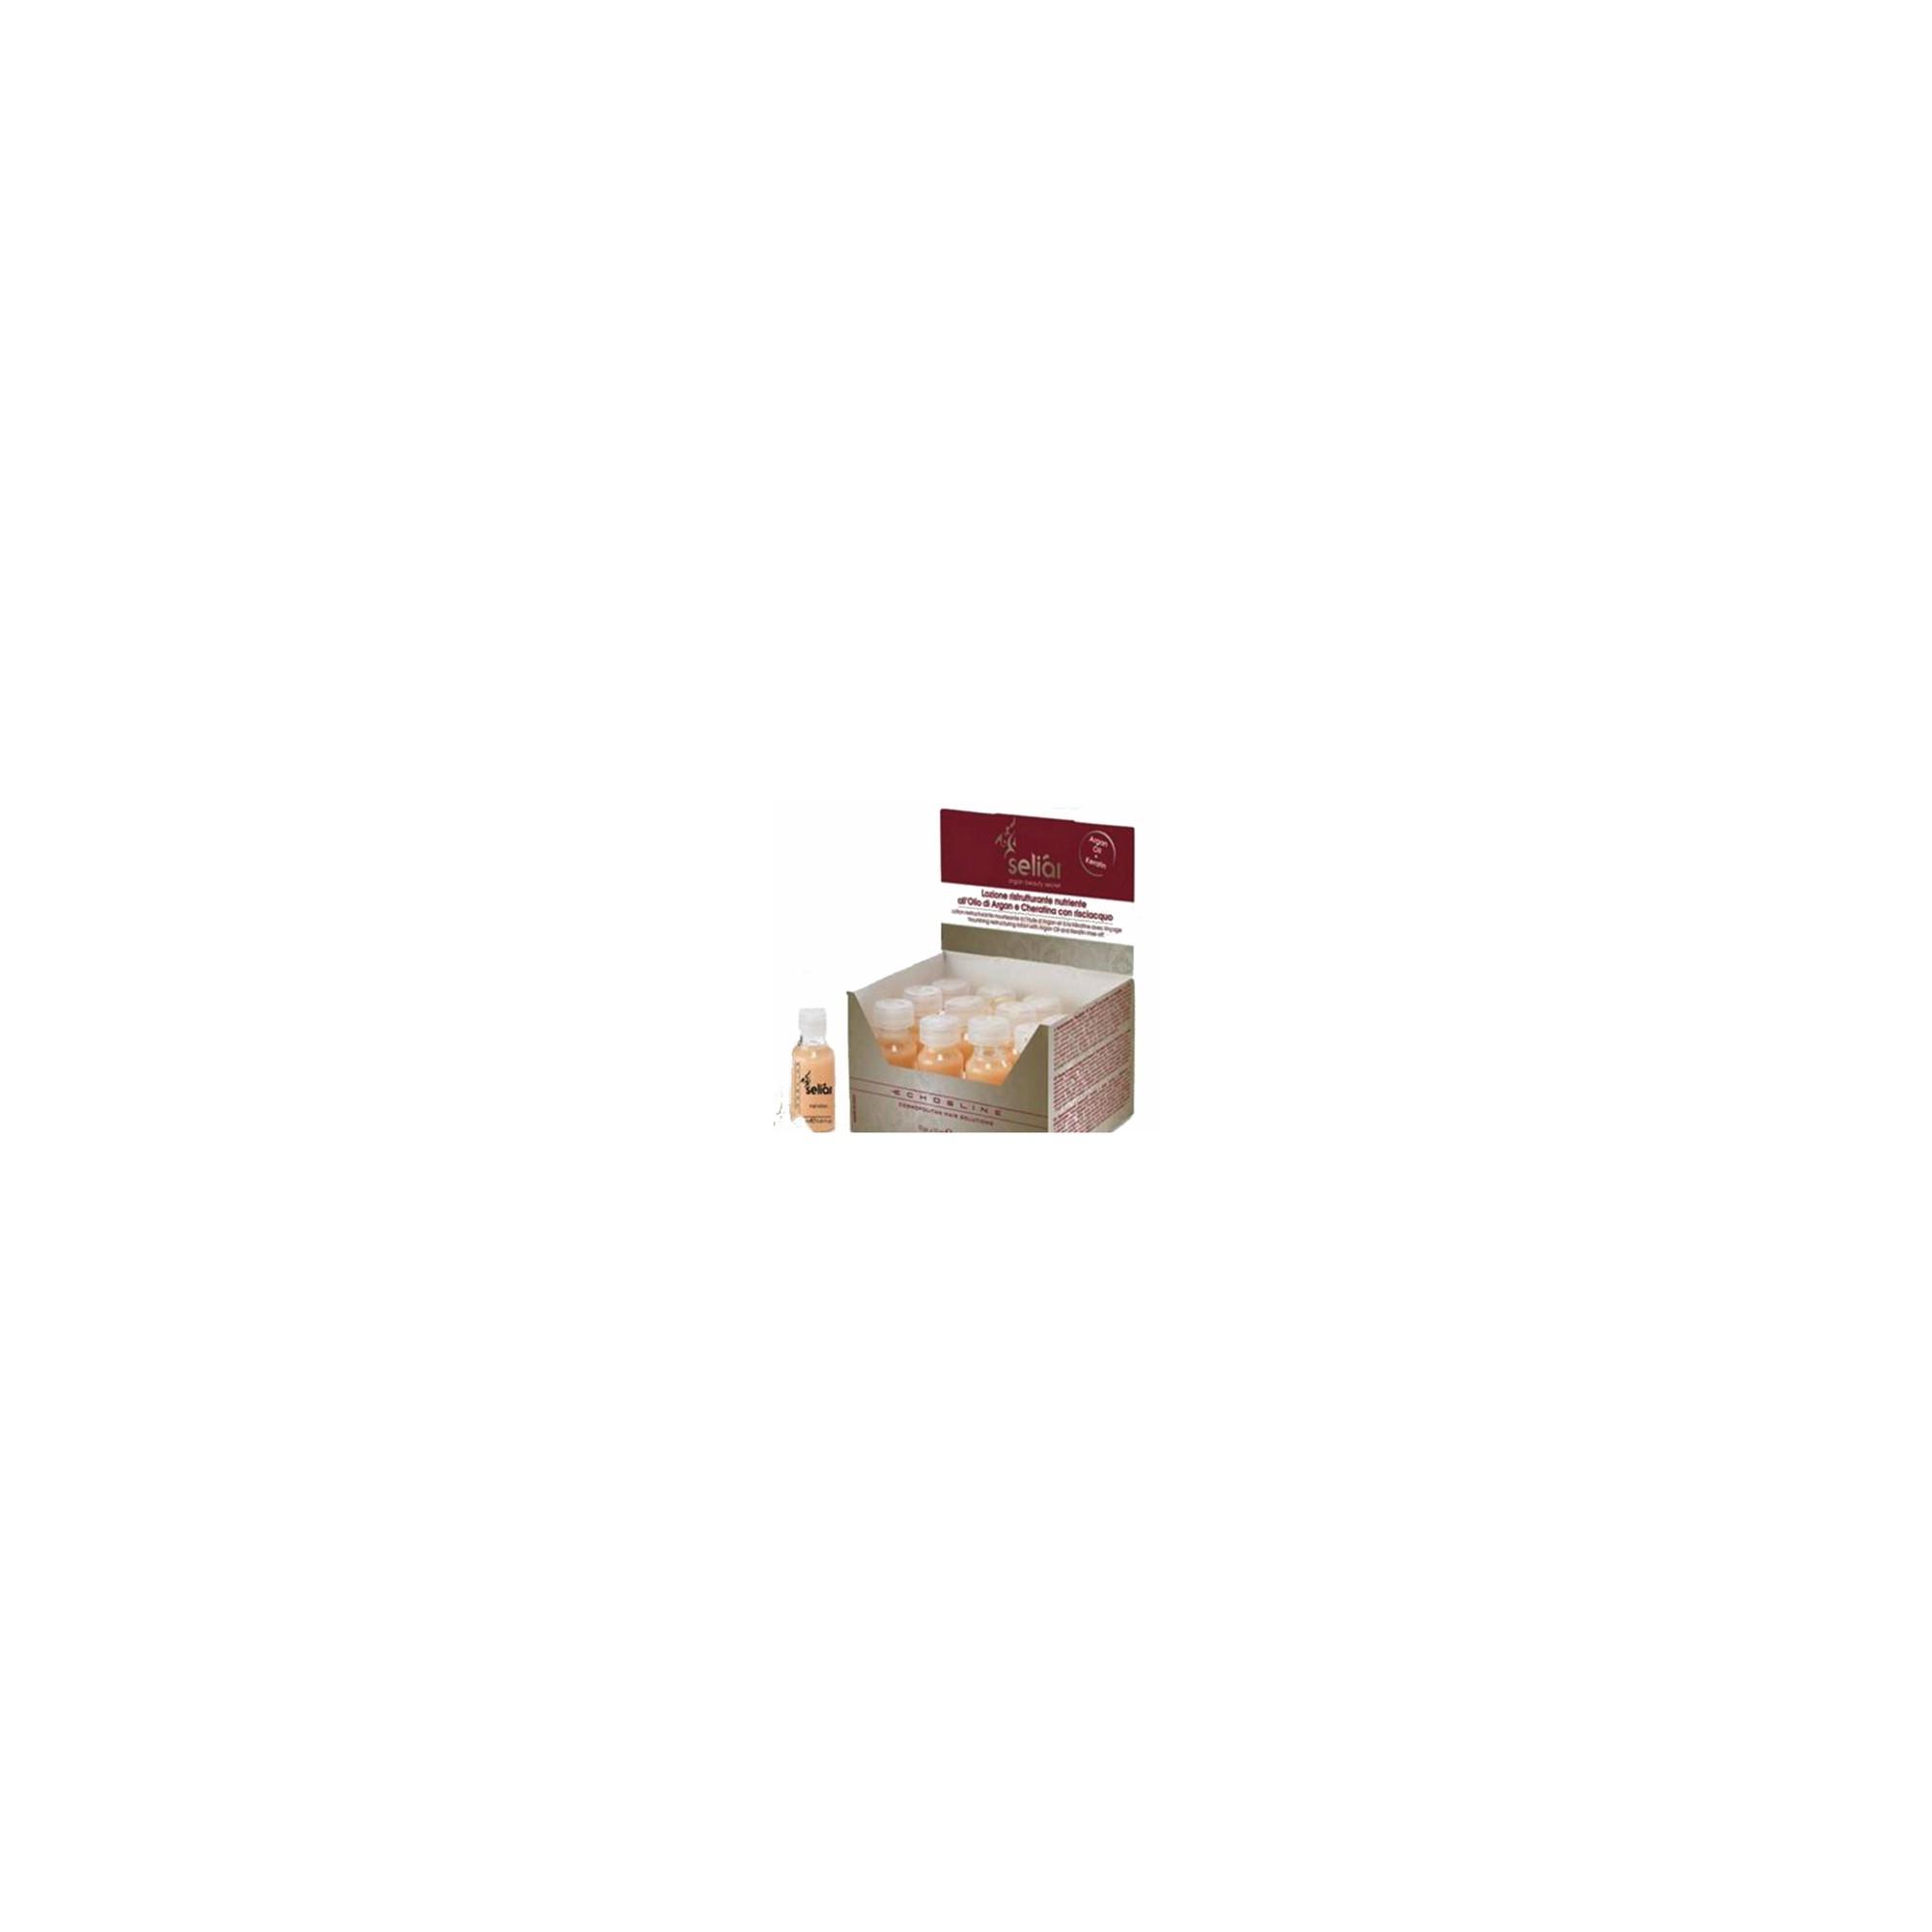 Echos Line Seliar - Argan lotion - Lozione ristrutturante nutriente all'olio di argan e cheratina 12 fiale x 13 ml